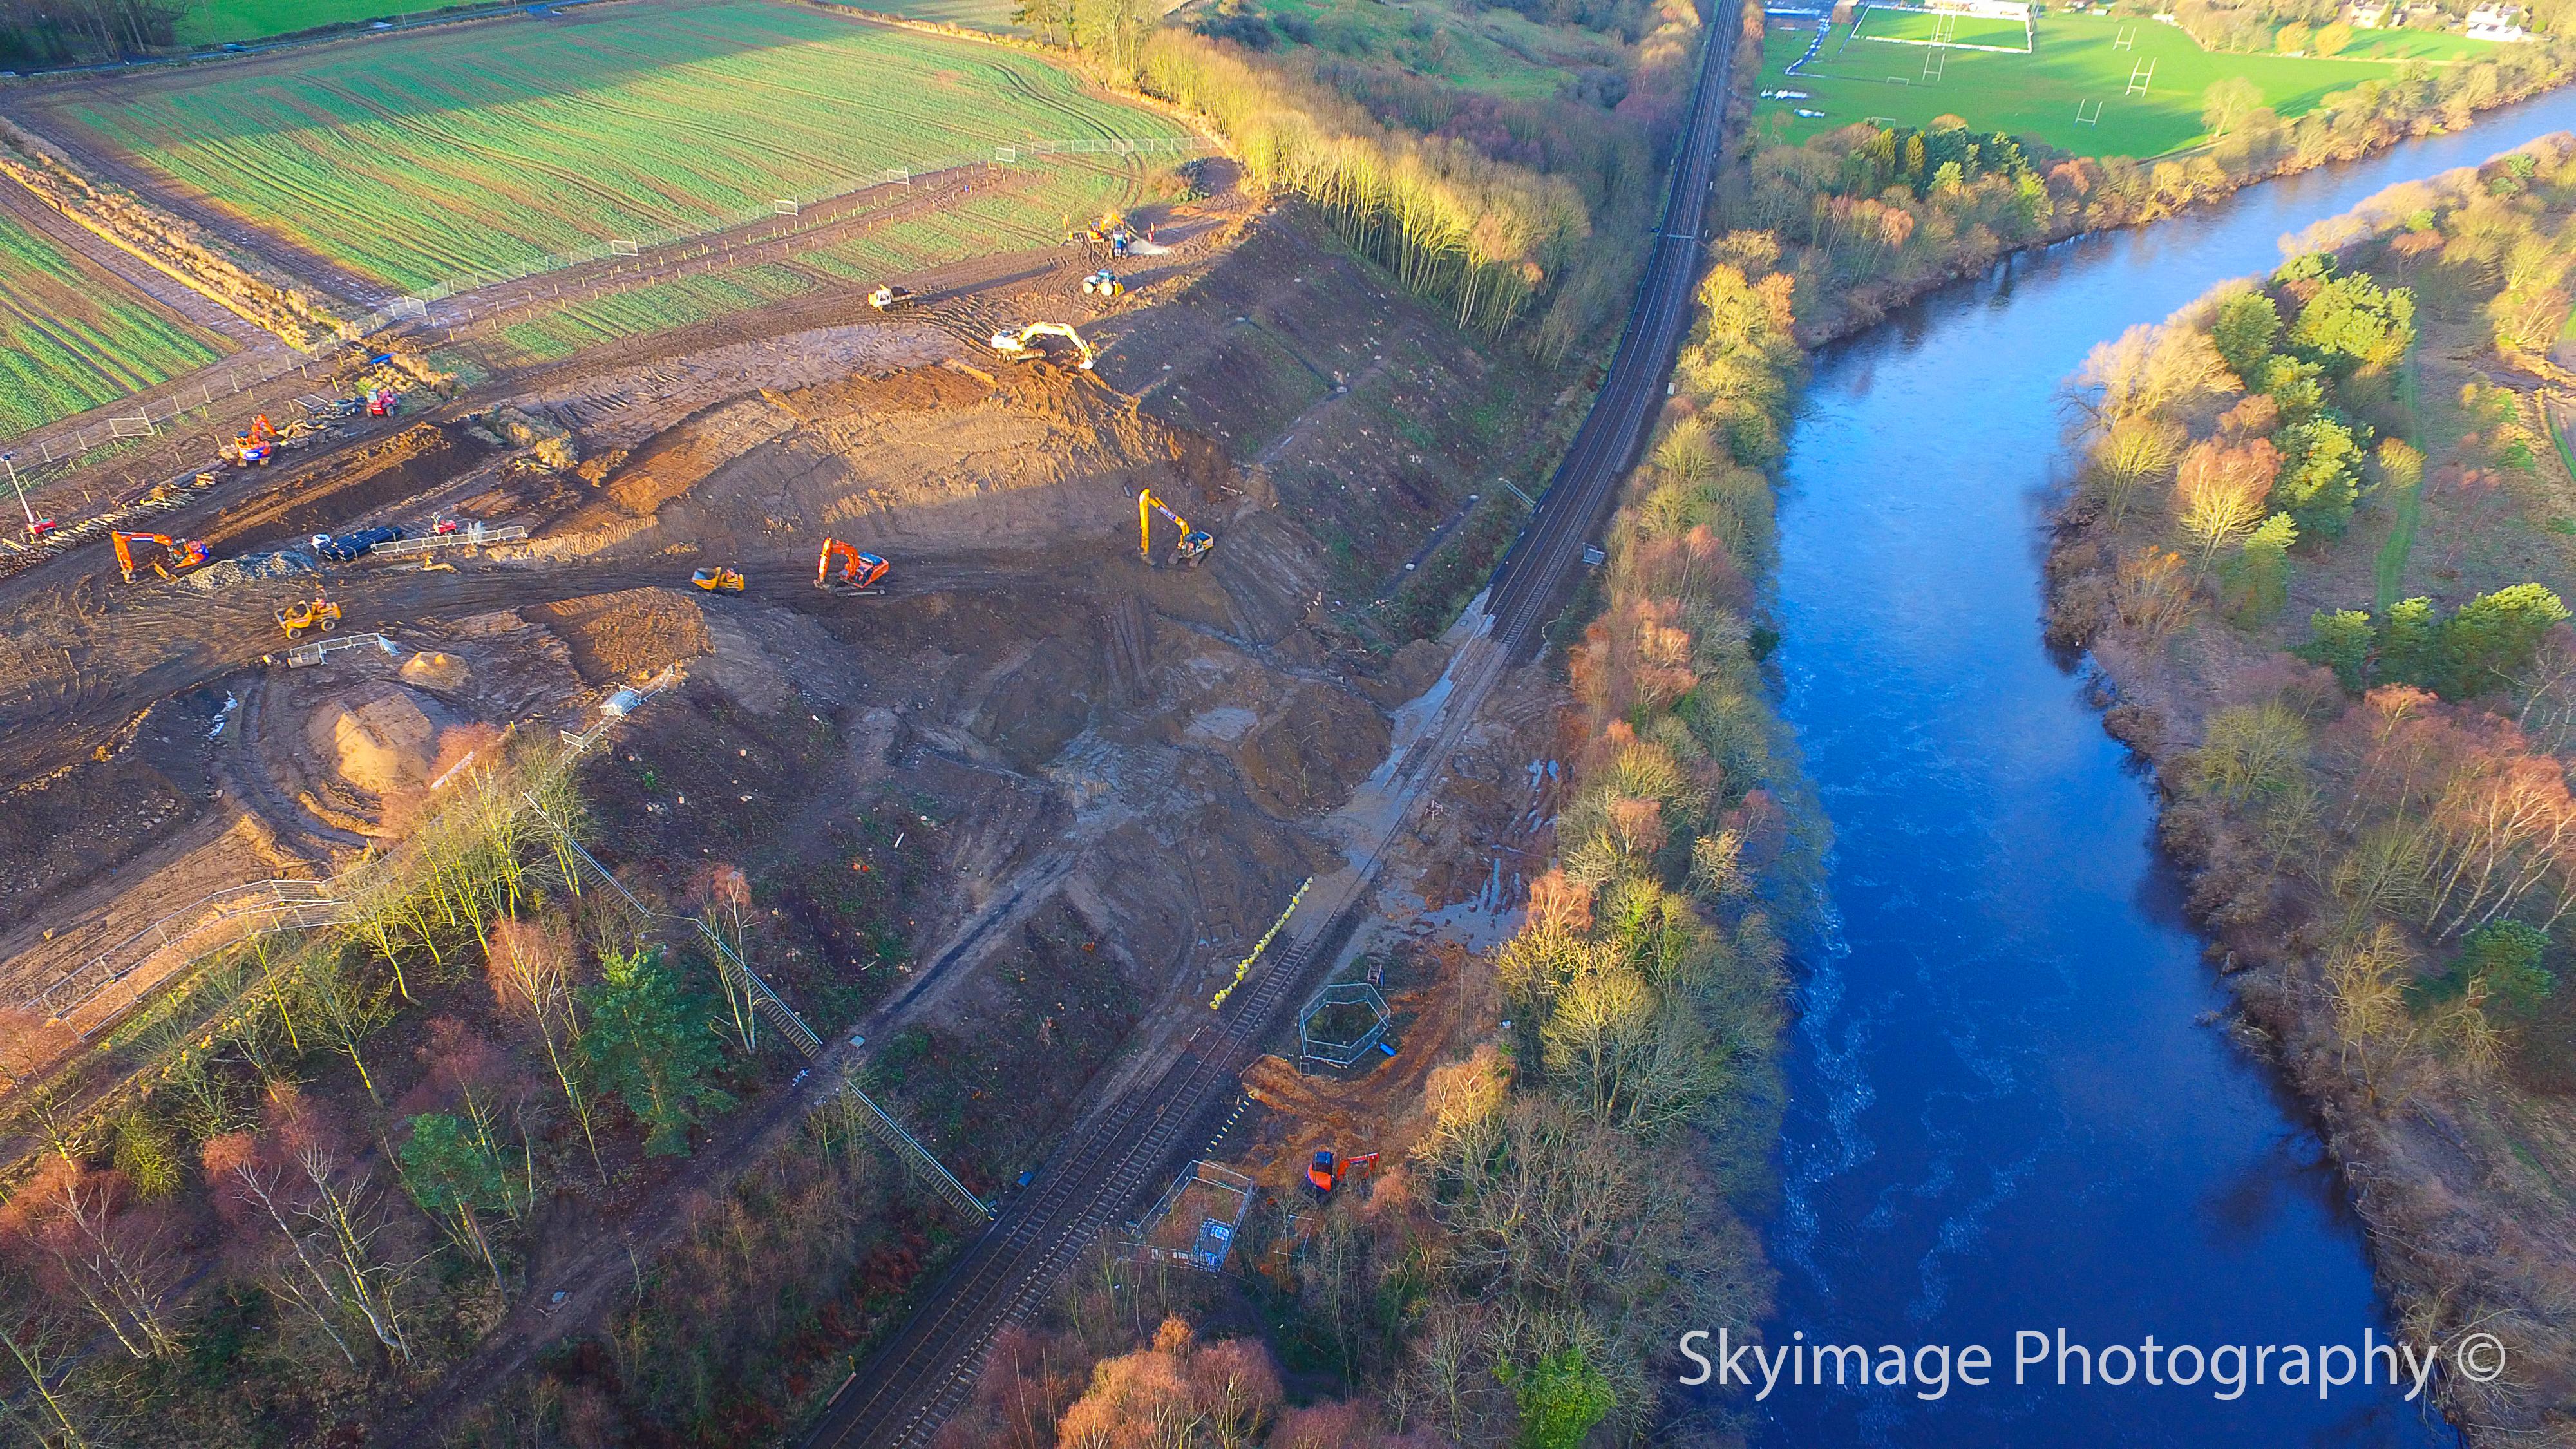 Landslide development